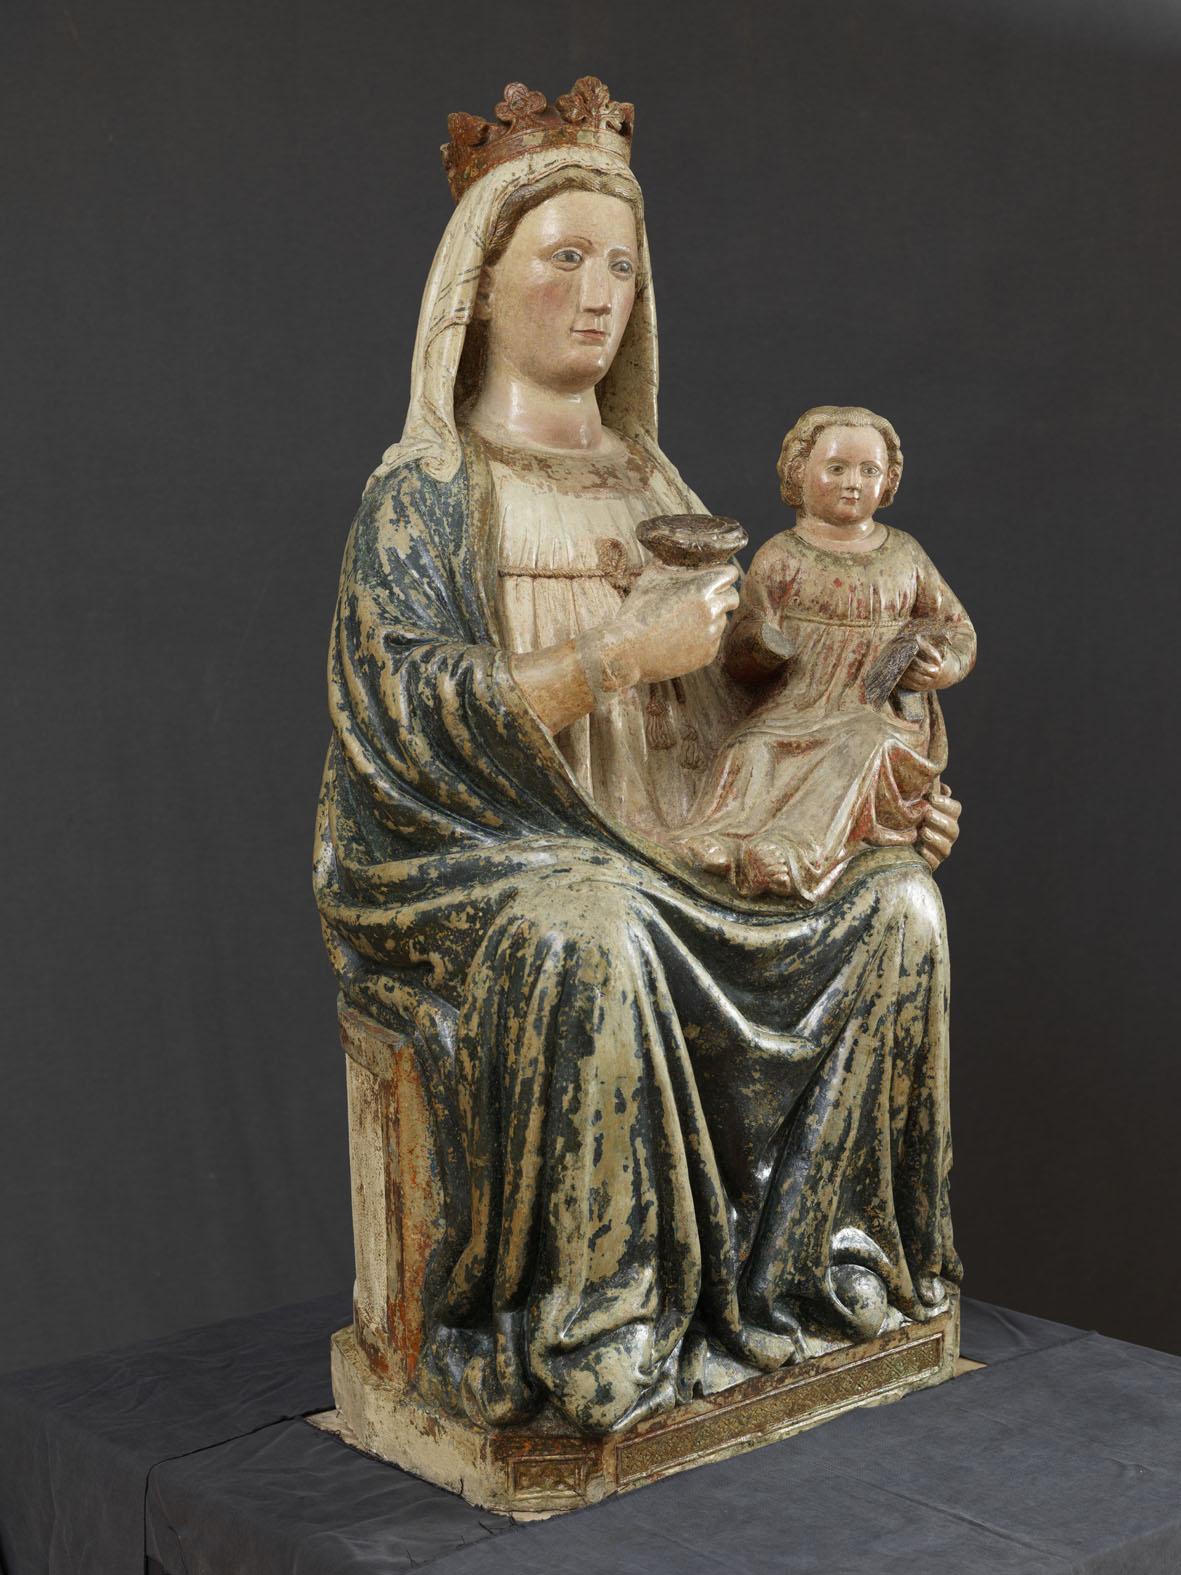 A Trento è in mostra la Madonna in Blu, una scultura veronese del Trecento